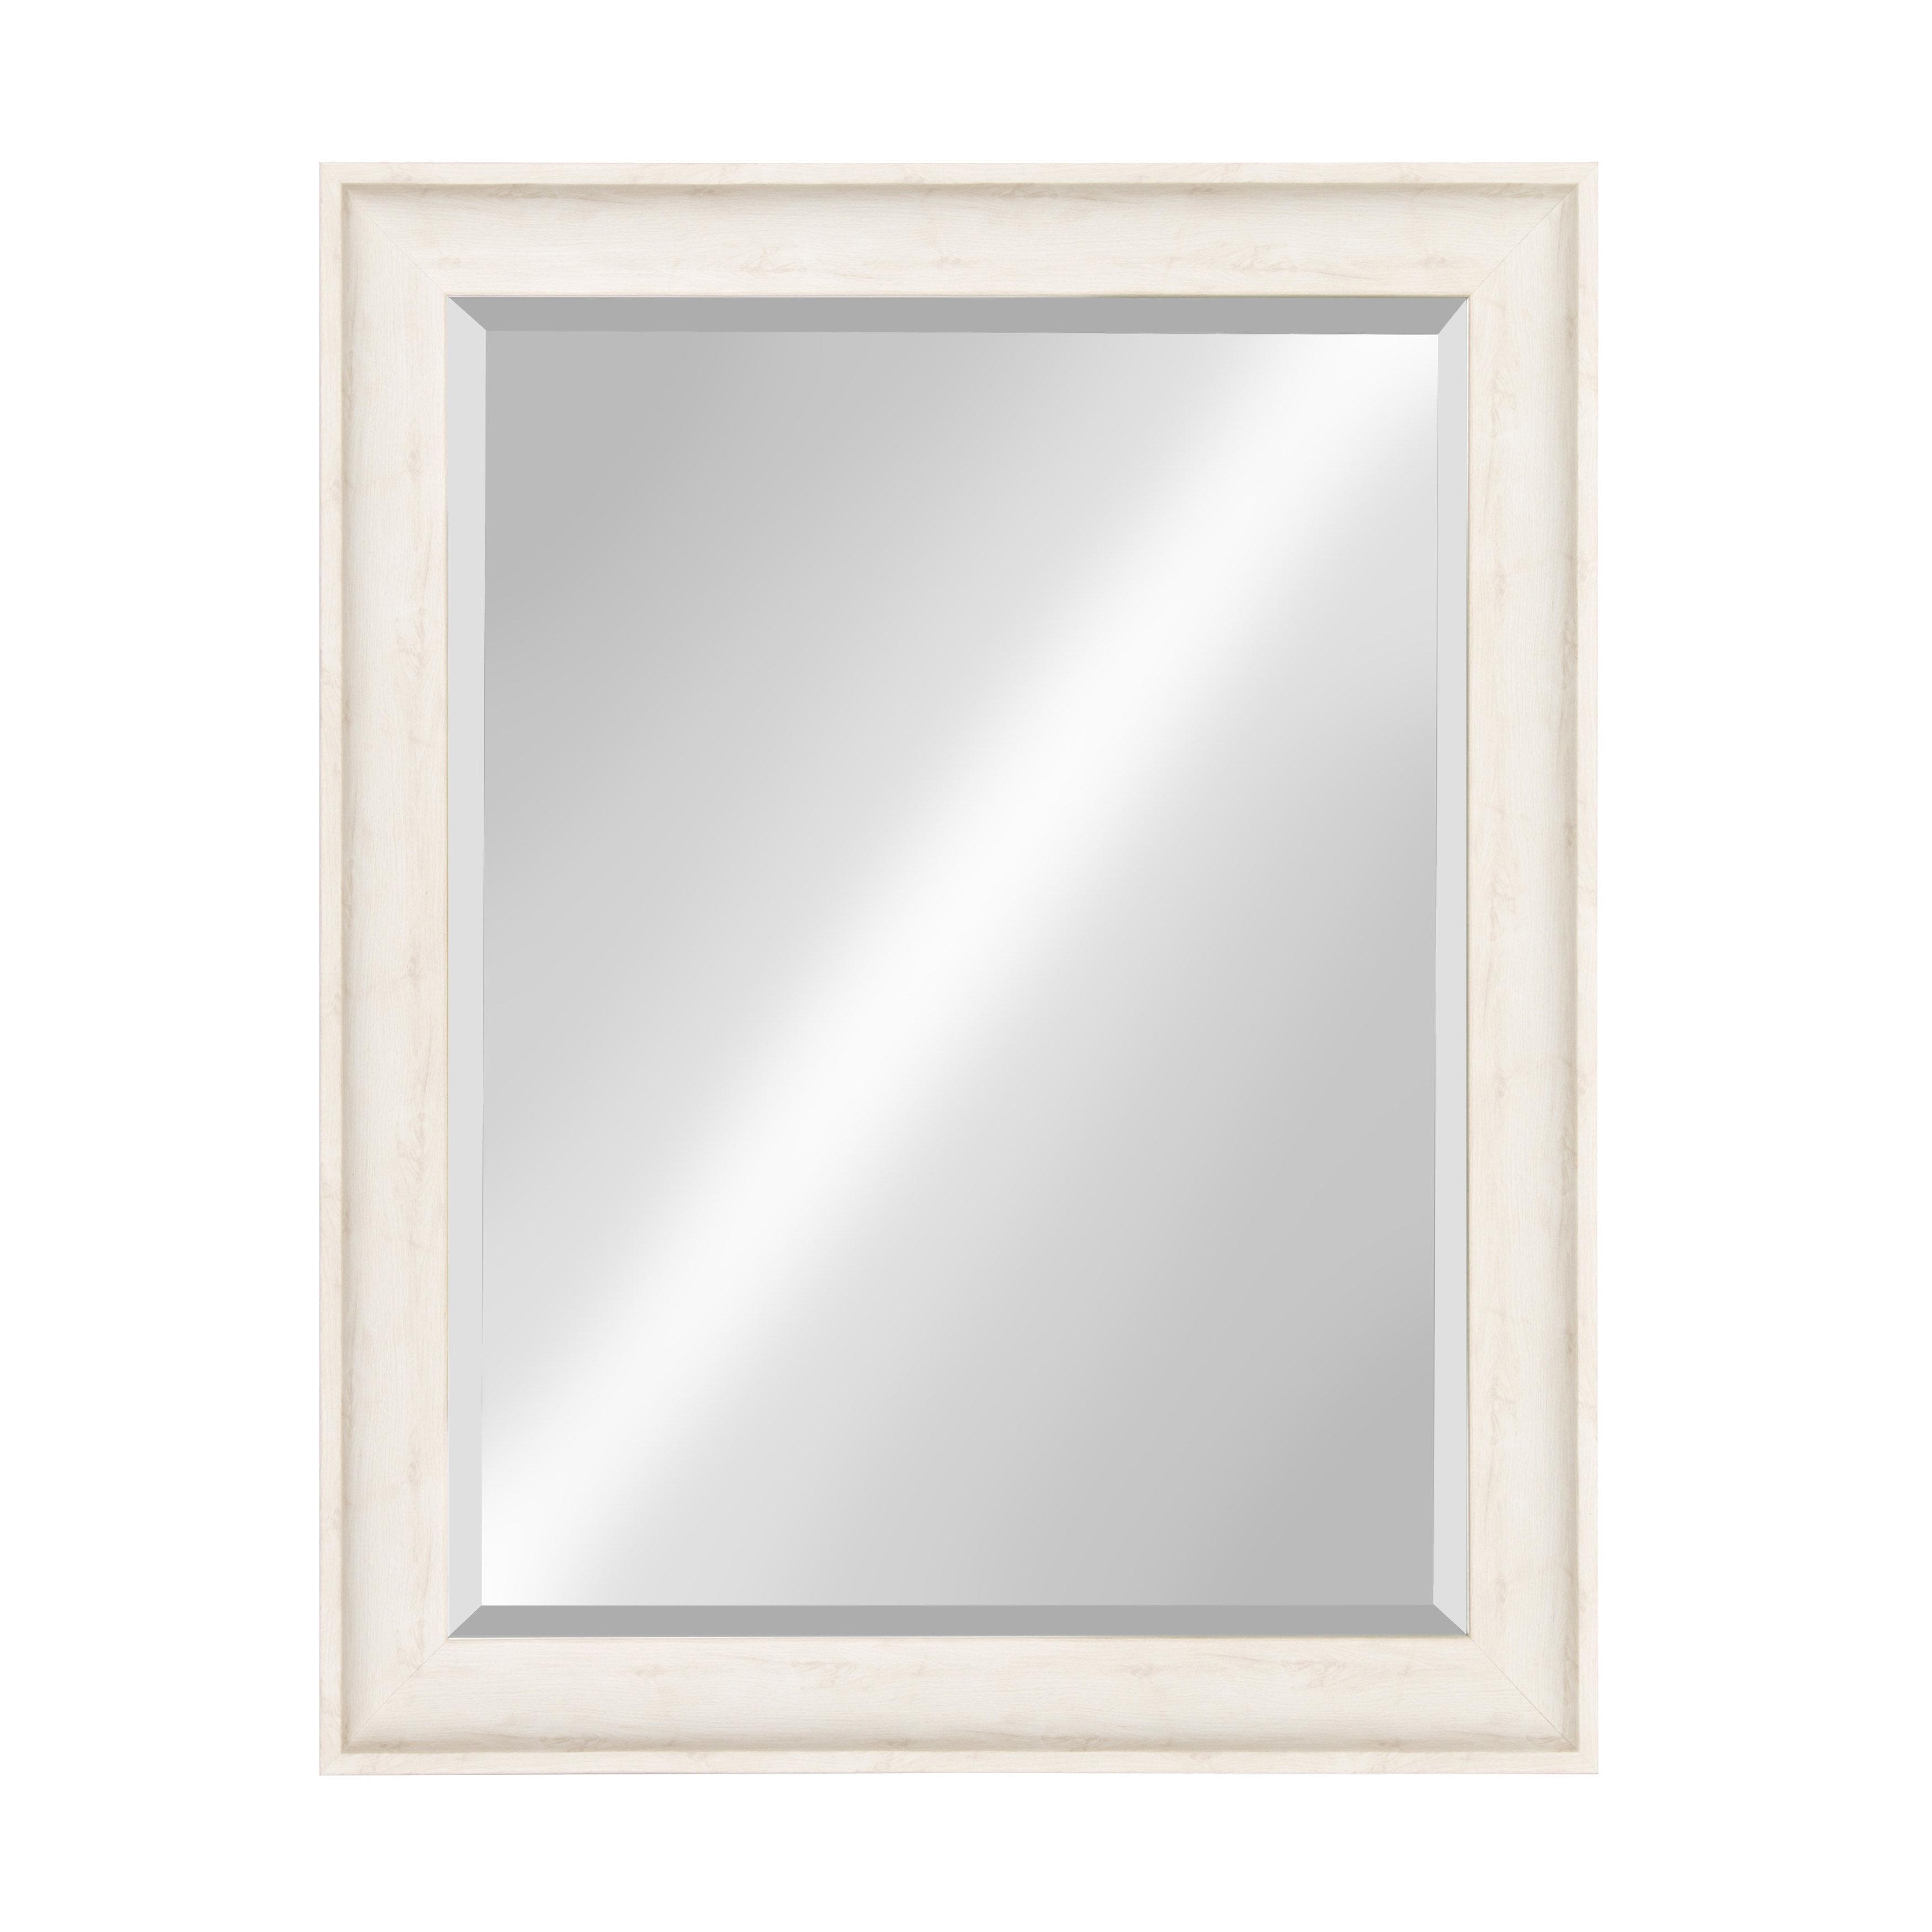 Accent Mirror Regarding Bartolo Accent Mirrors (View 6 of 30)